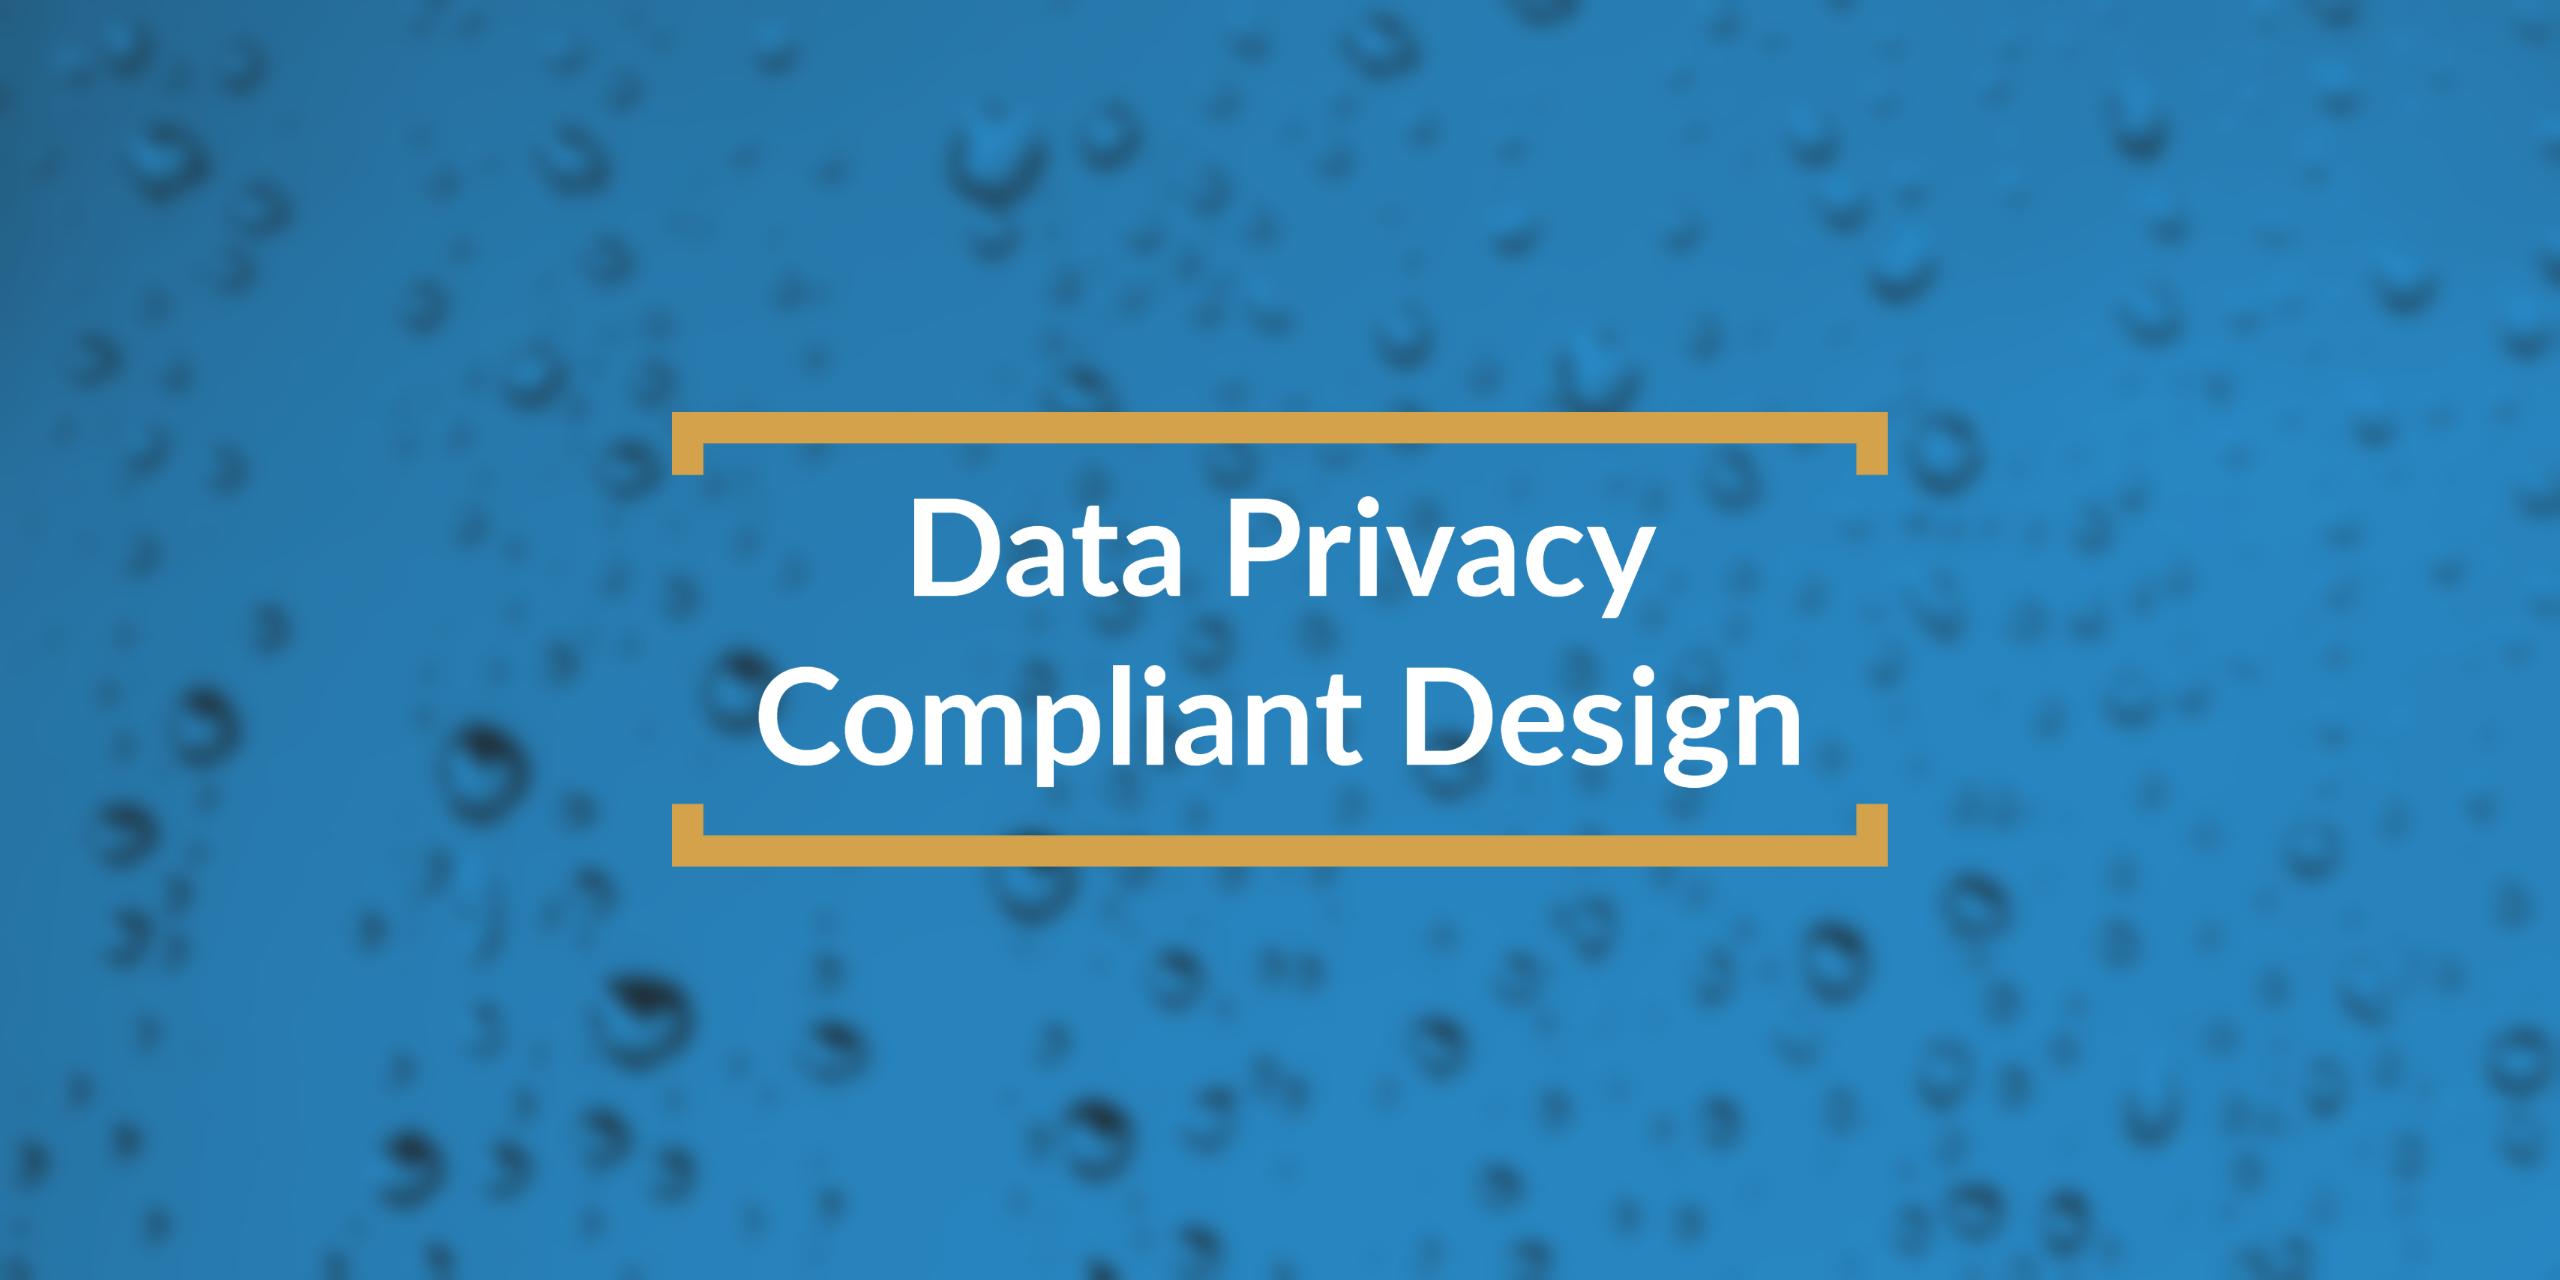 data compliant design title box